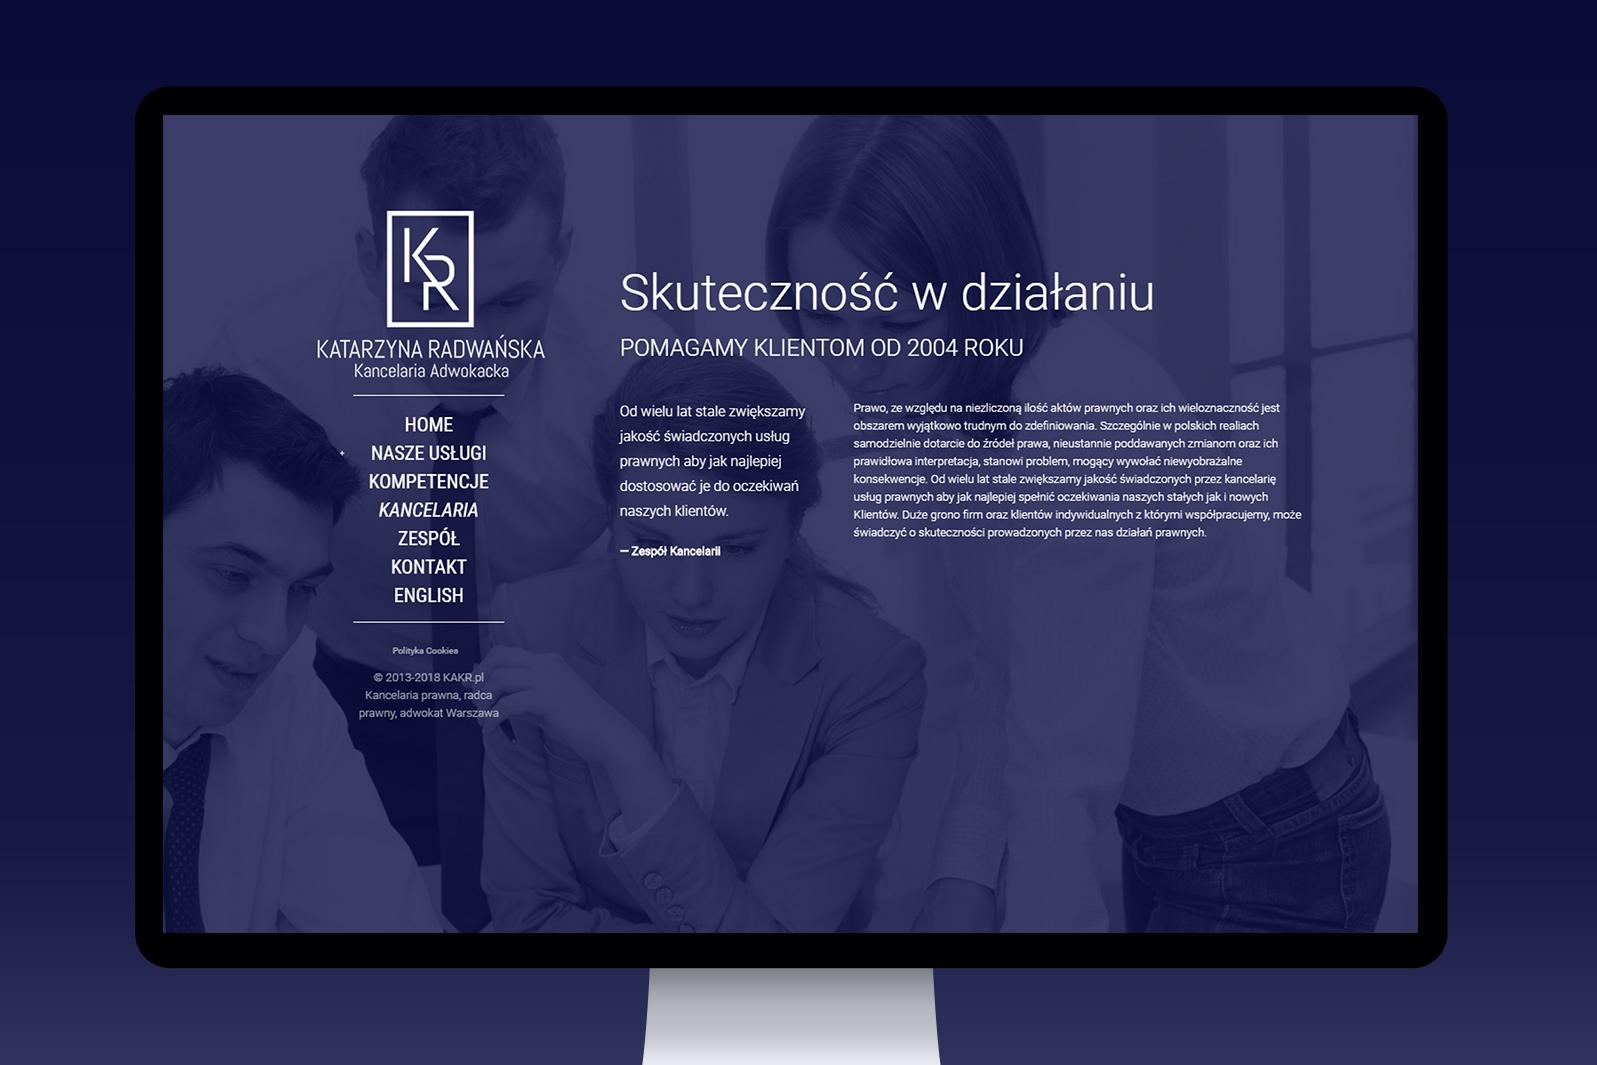 Projekt iwdrożenie responsywnej strony internetowej dla Kancelarii Adwokackiej KR